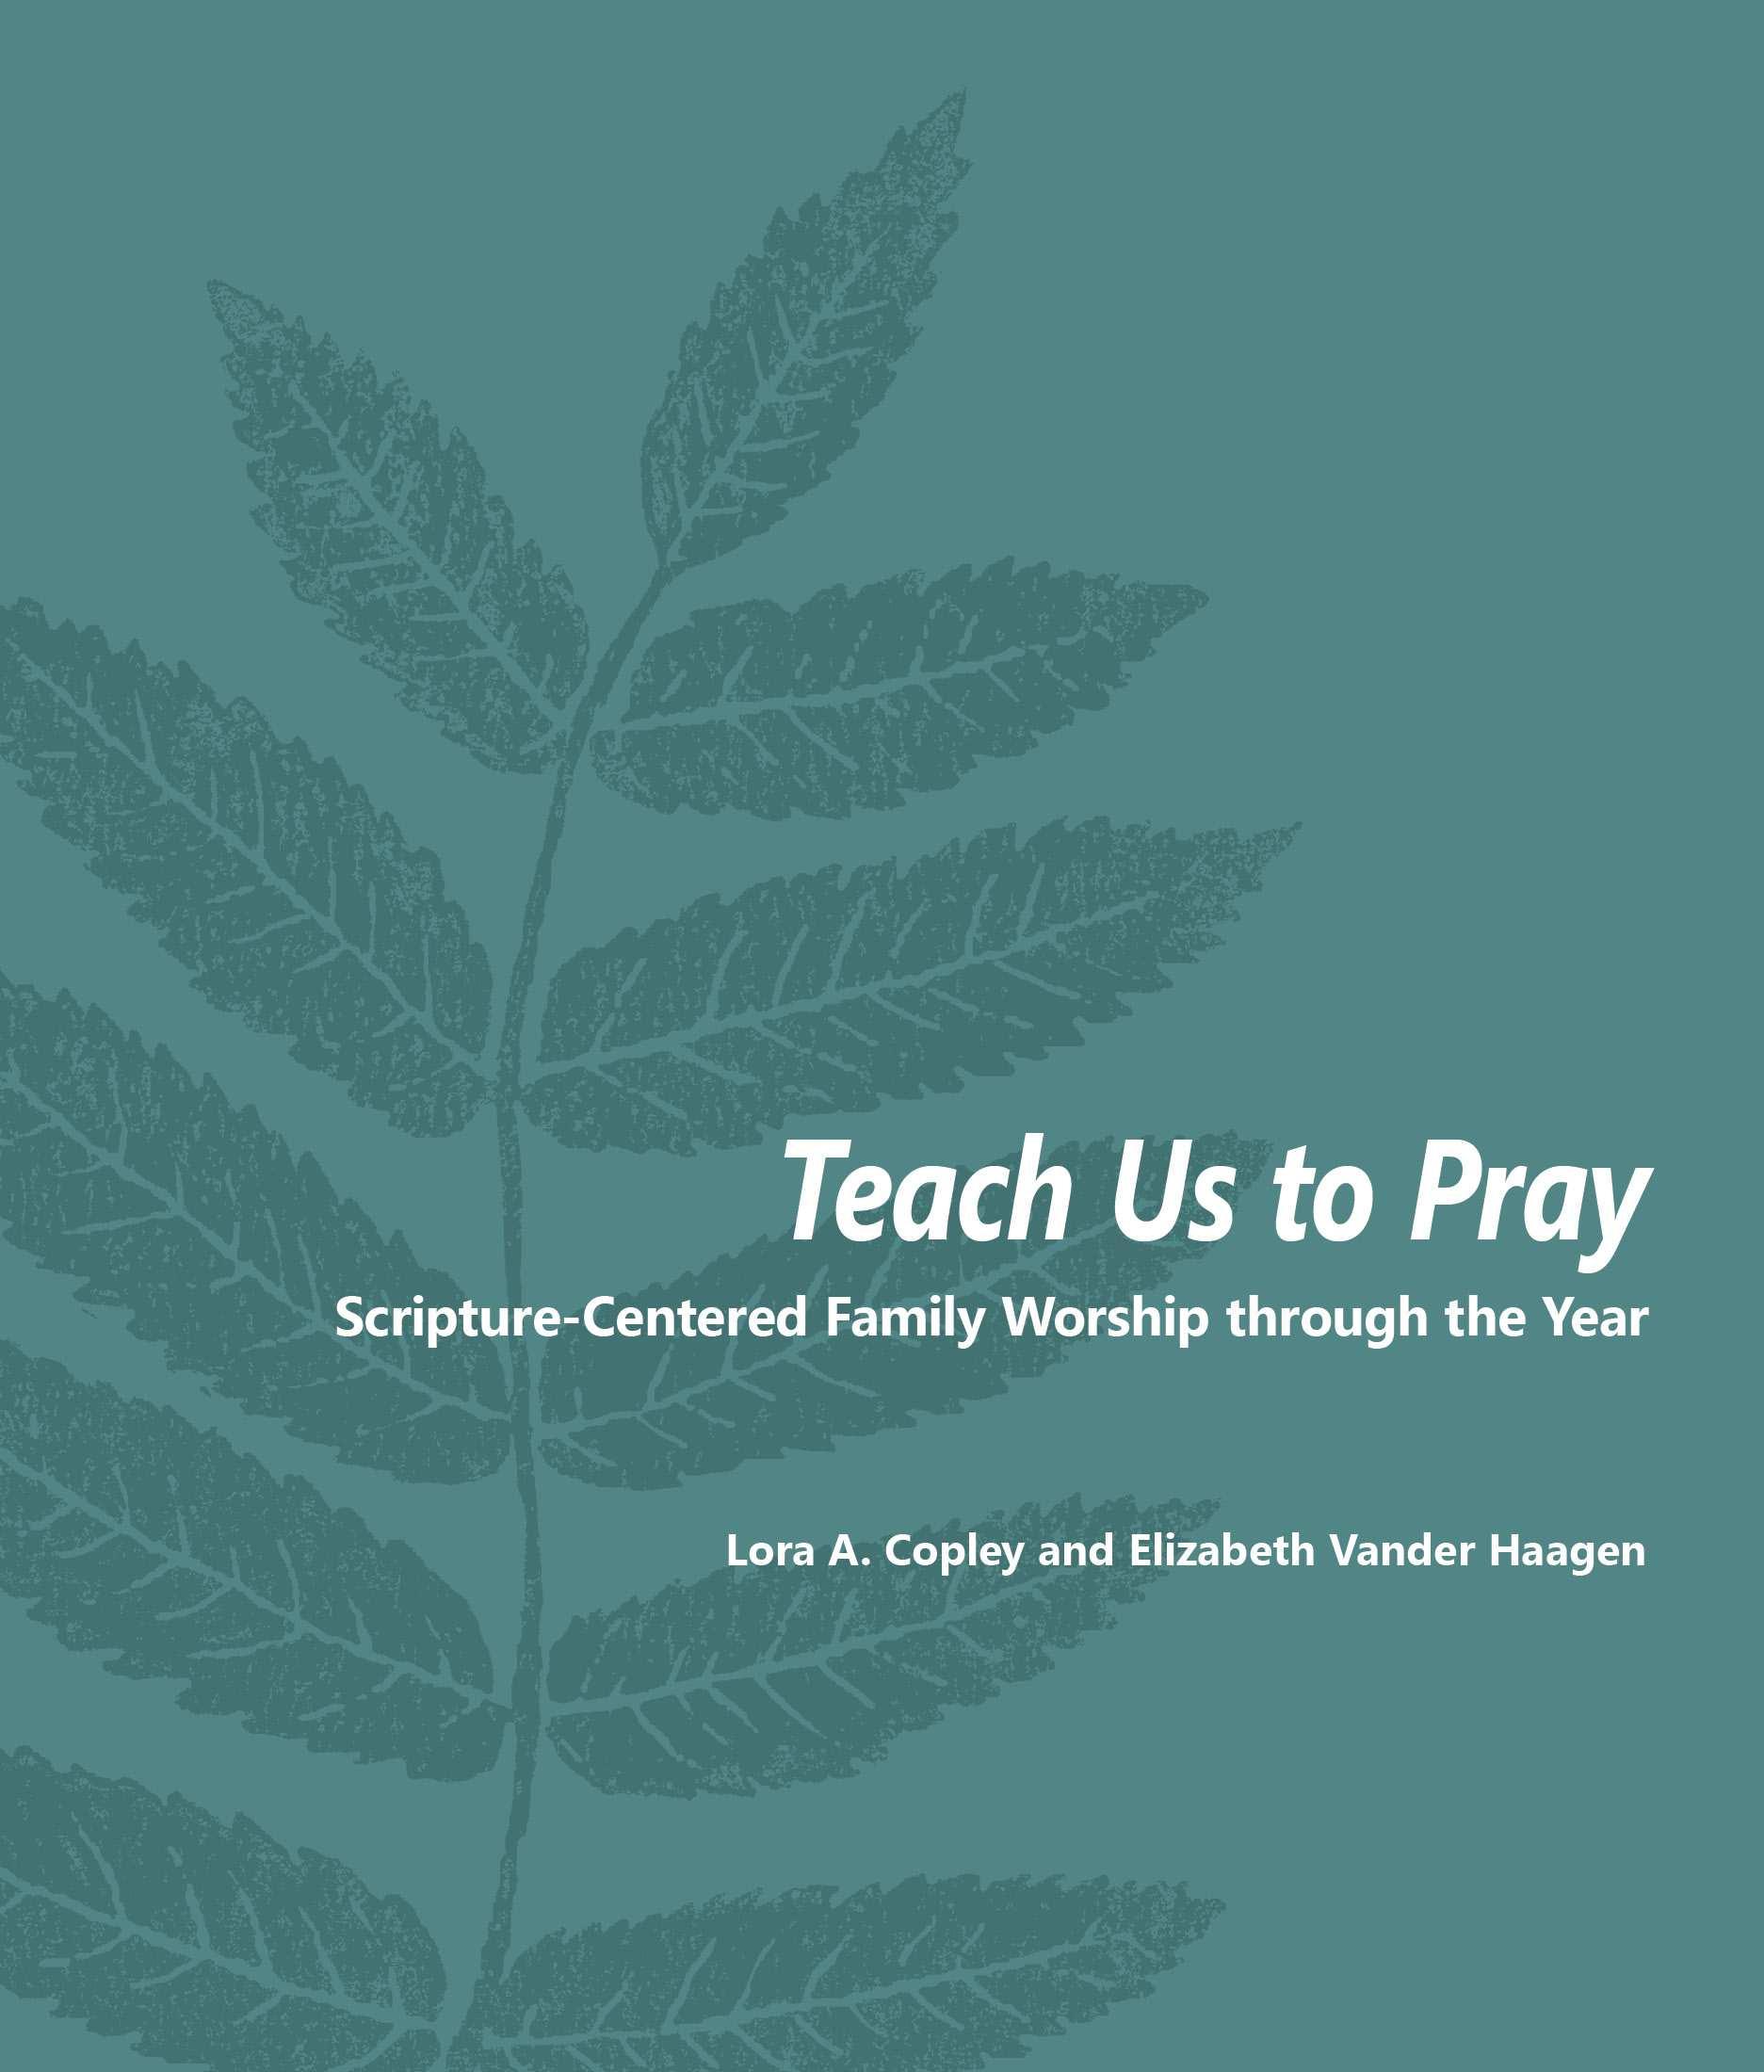 Teach_Us_to_Pray.jpg